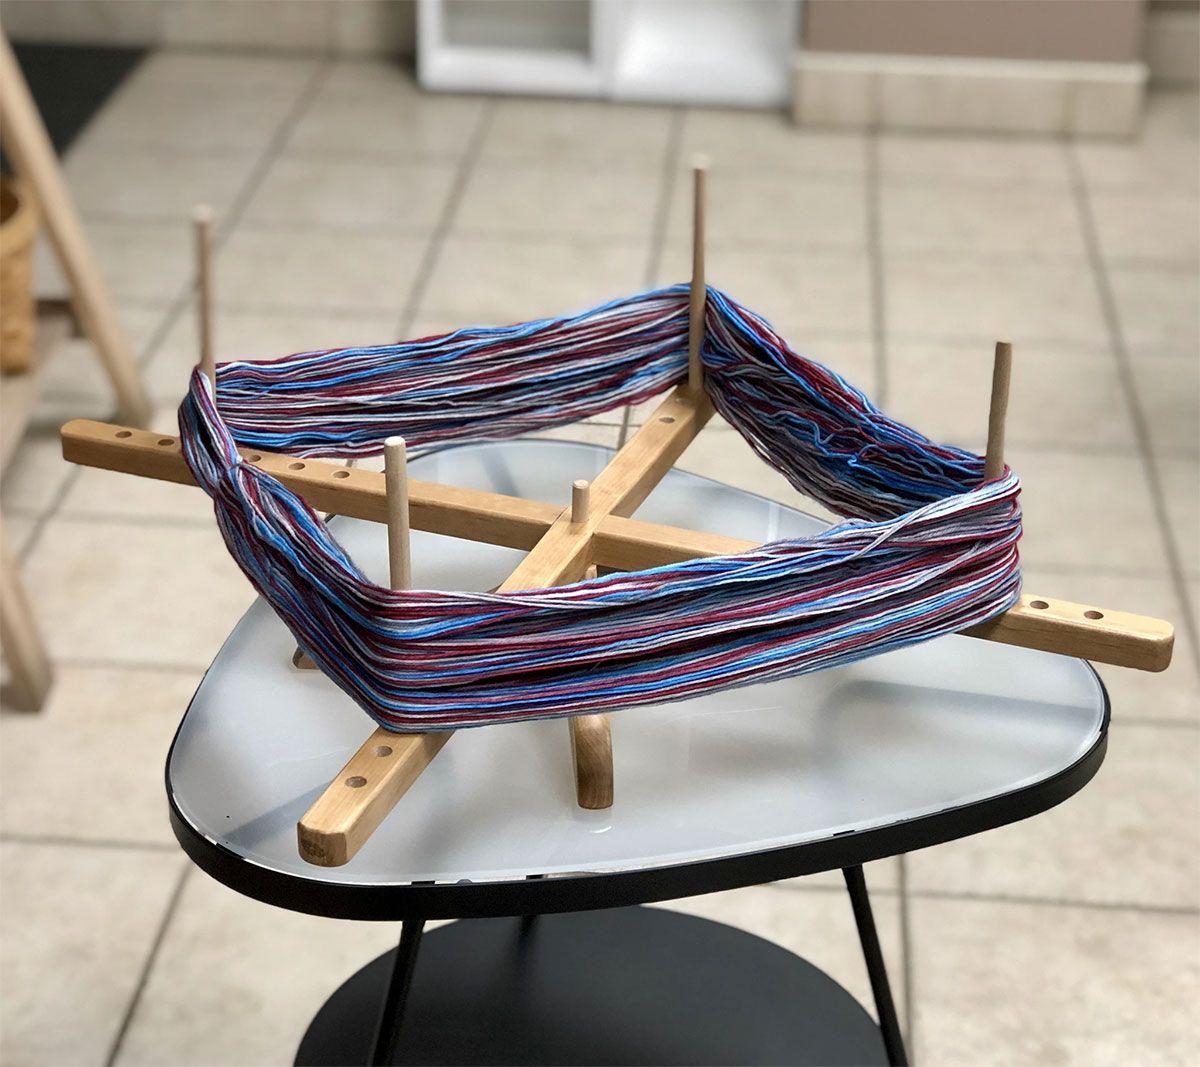 Dévidoir pour laine en bois sur table ChiaoGoo